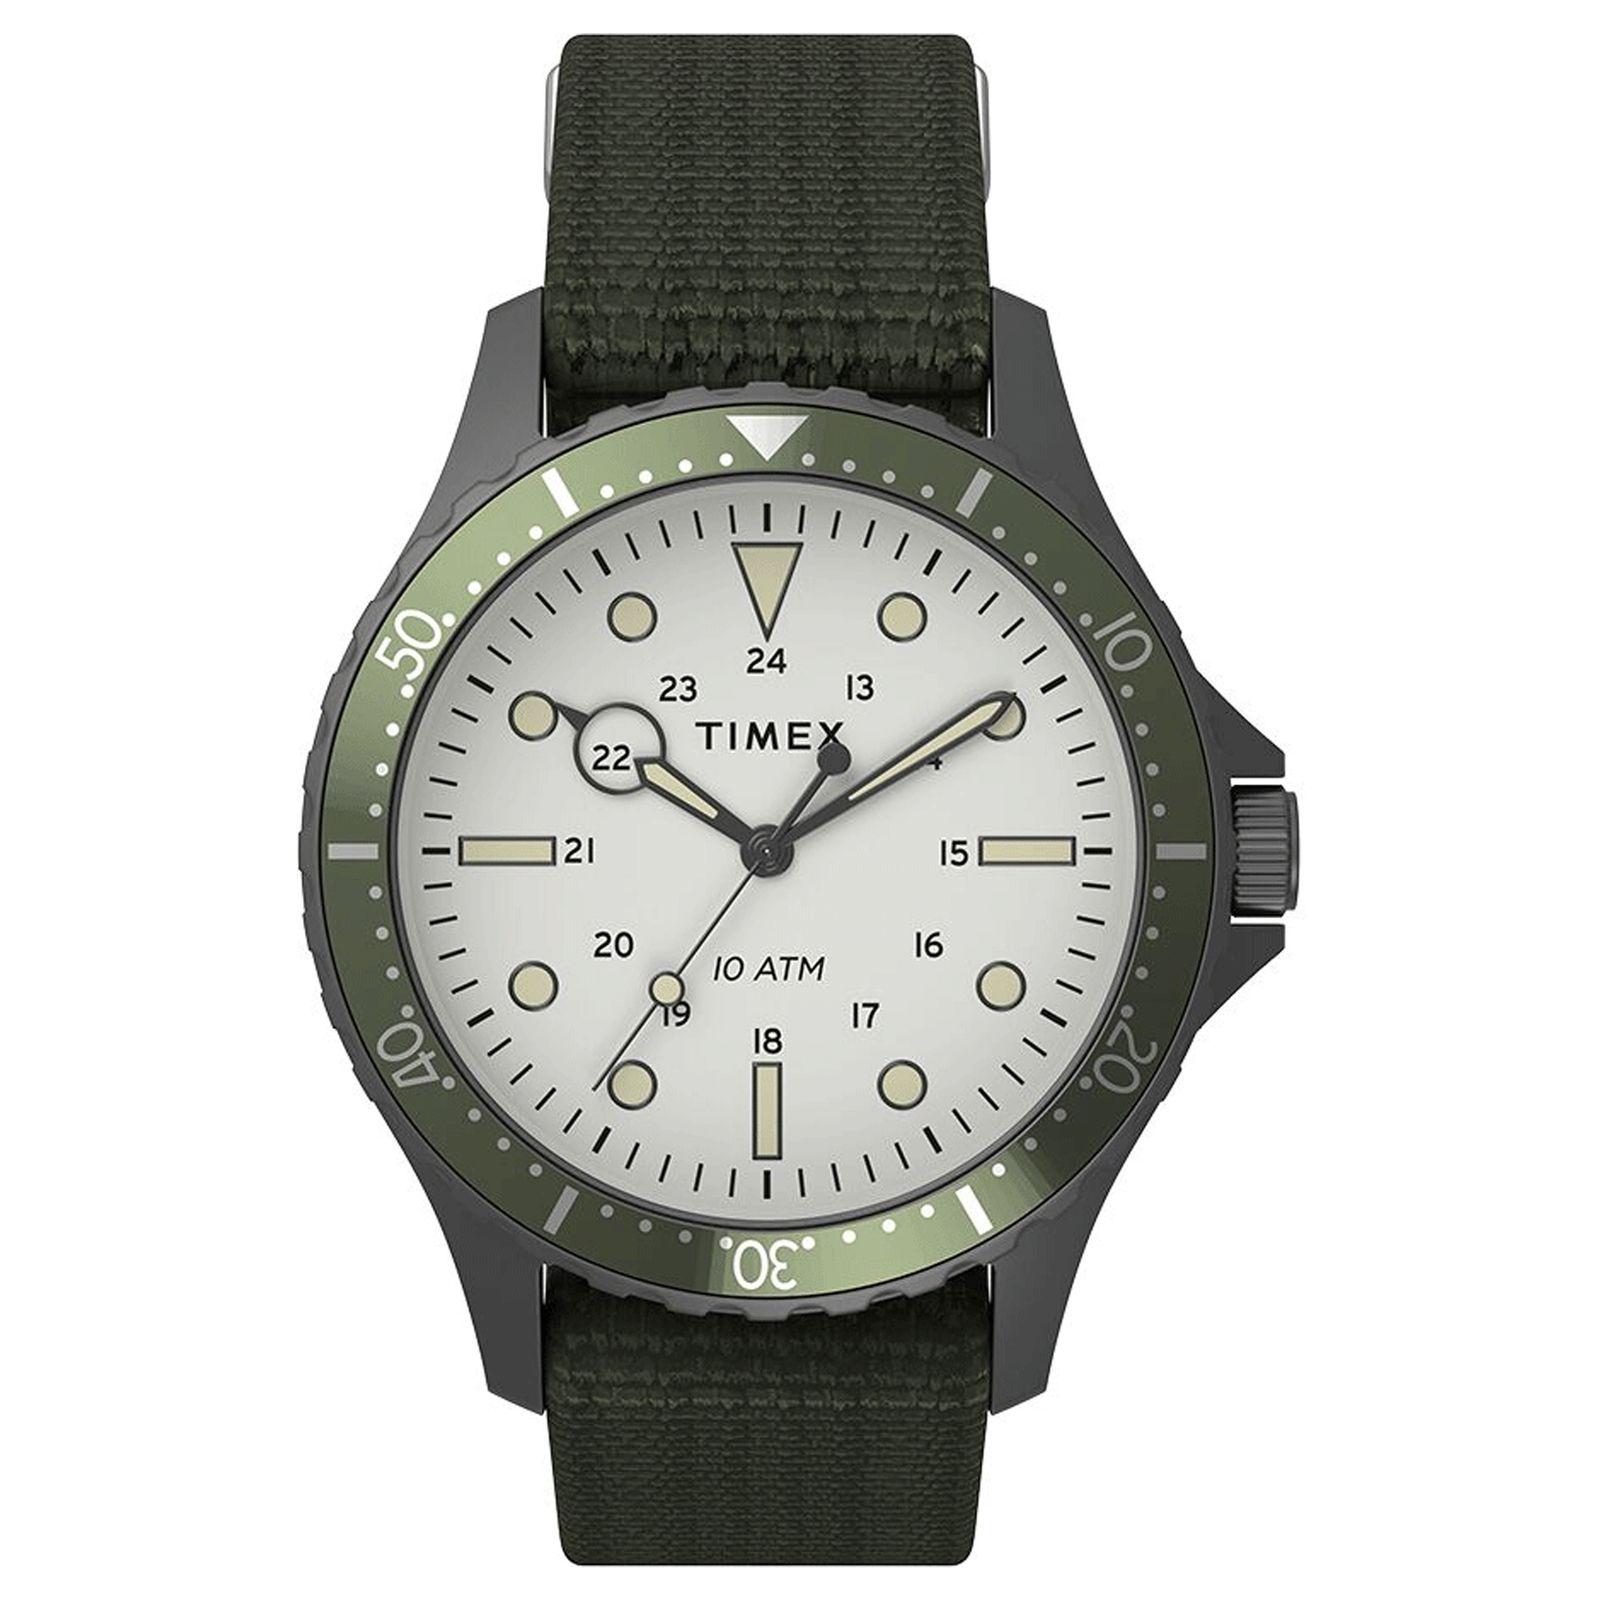 ساعت مچی عقربه ای مردانه تایمکس مدل TW2T75500 -  - 1